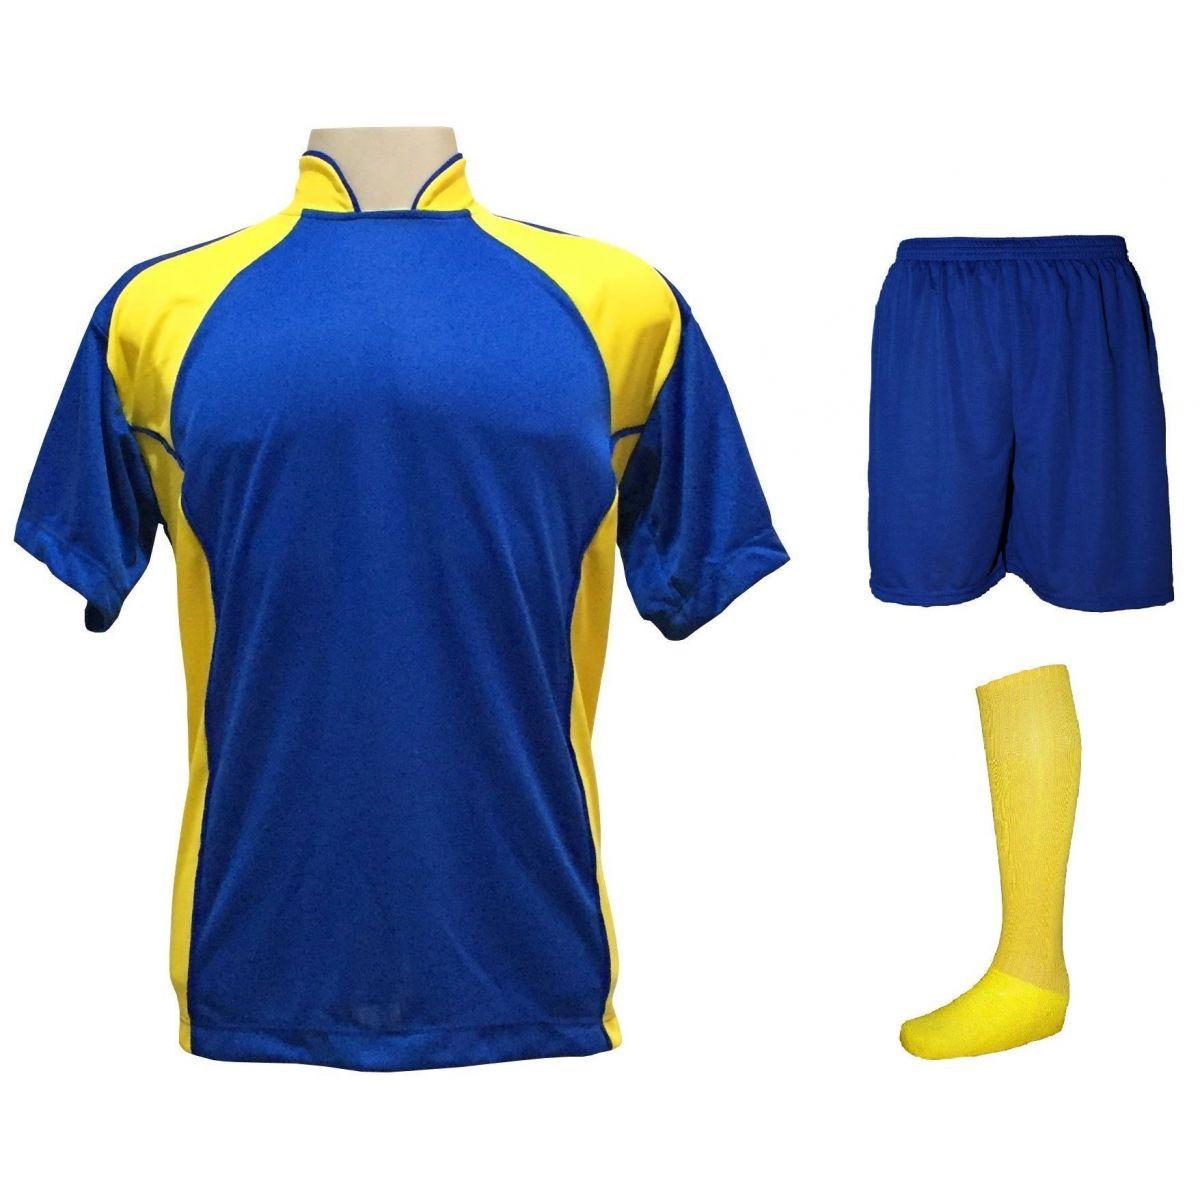 Uniforme Esportivo Completo modelo Suécia 14+1 (14 camisas Royal/Amarelo + 14 calções Madrid Royal + 14 pares de meiões Amarelos + 1 conjunto de goleiro) + Brindes